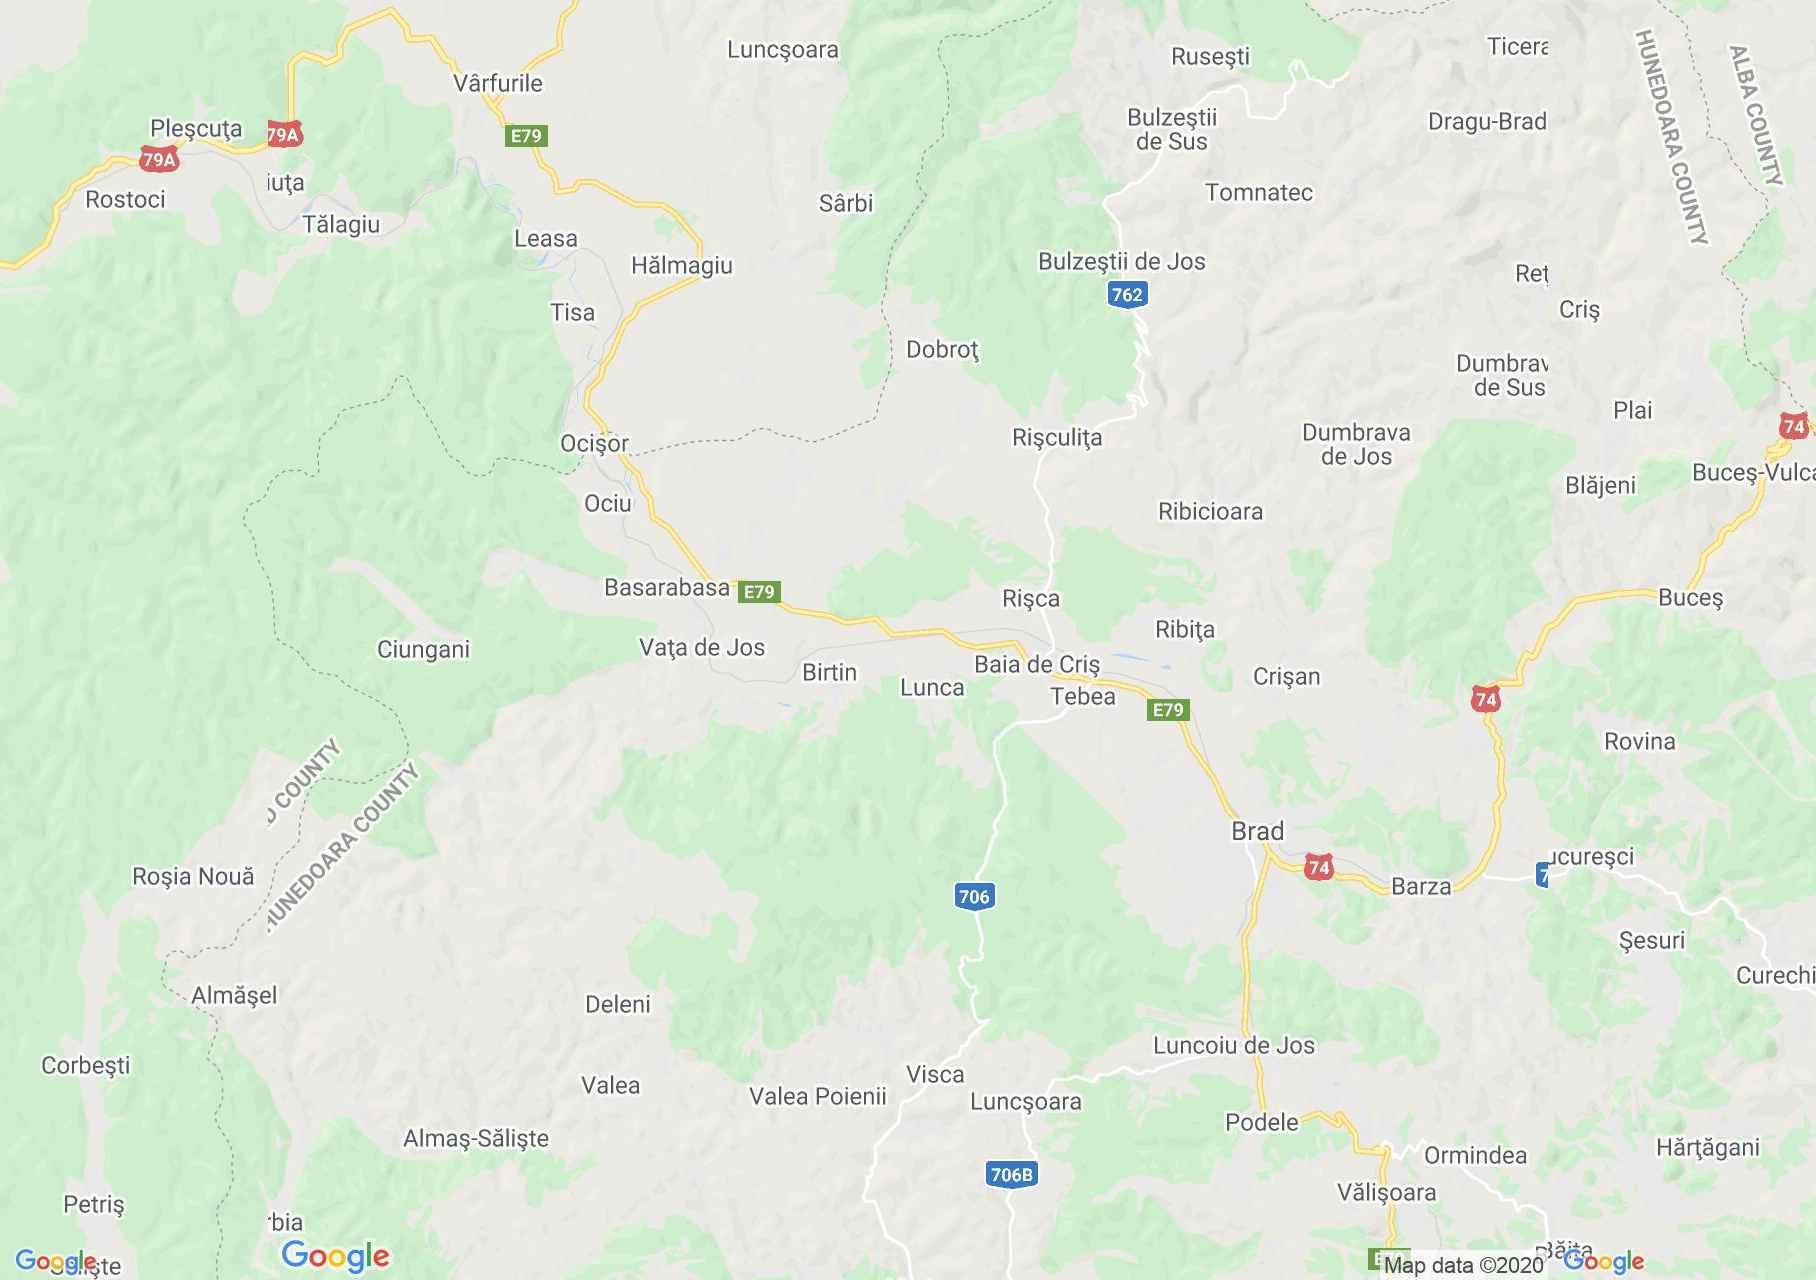 Hălnagiu-Ţebea-Brad area, Interactive tourist map